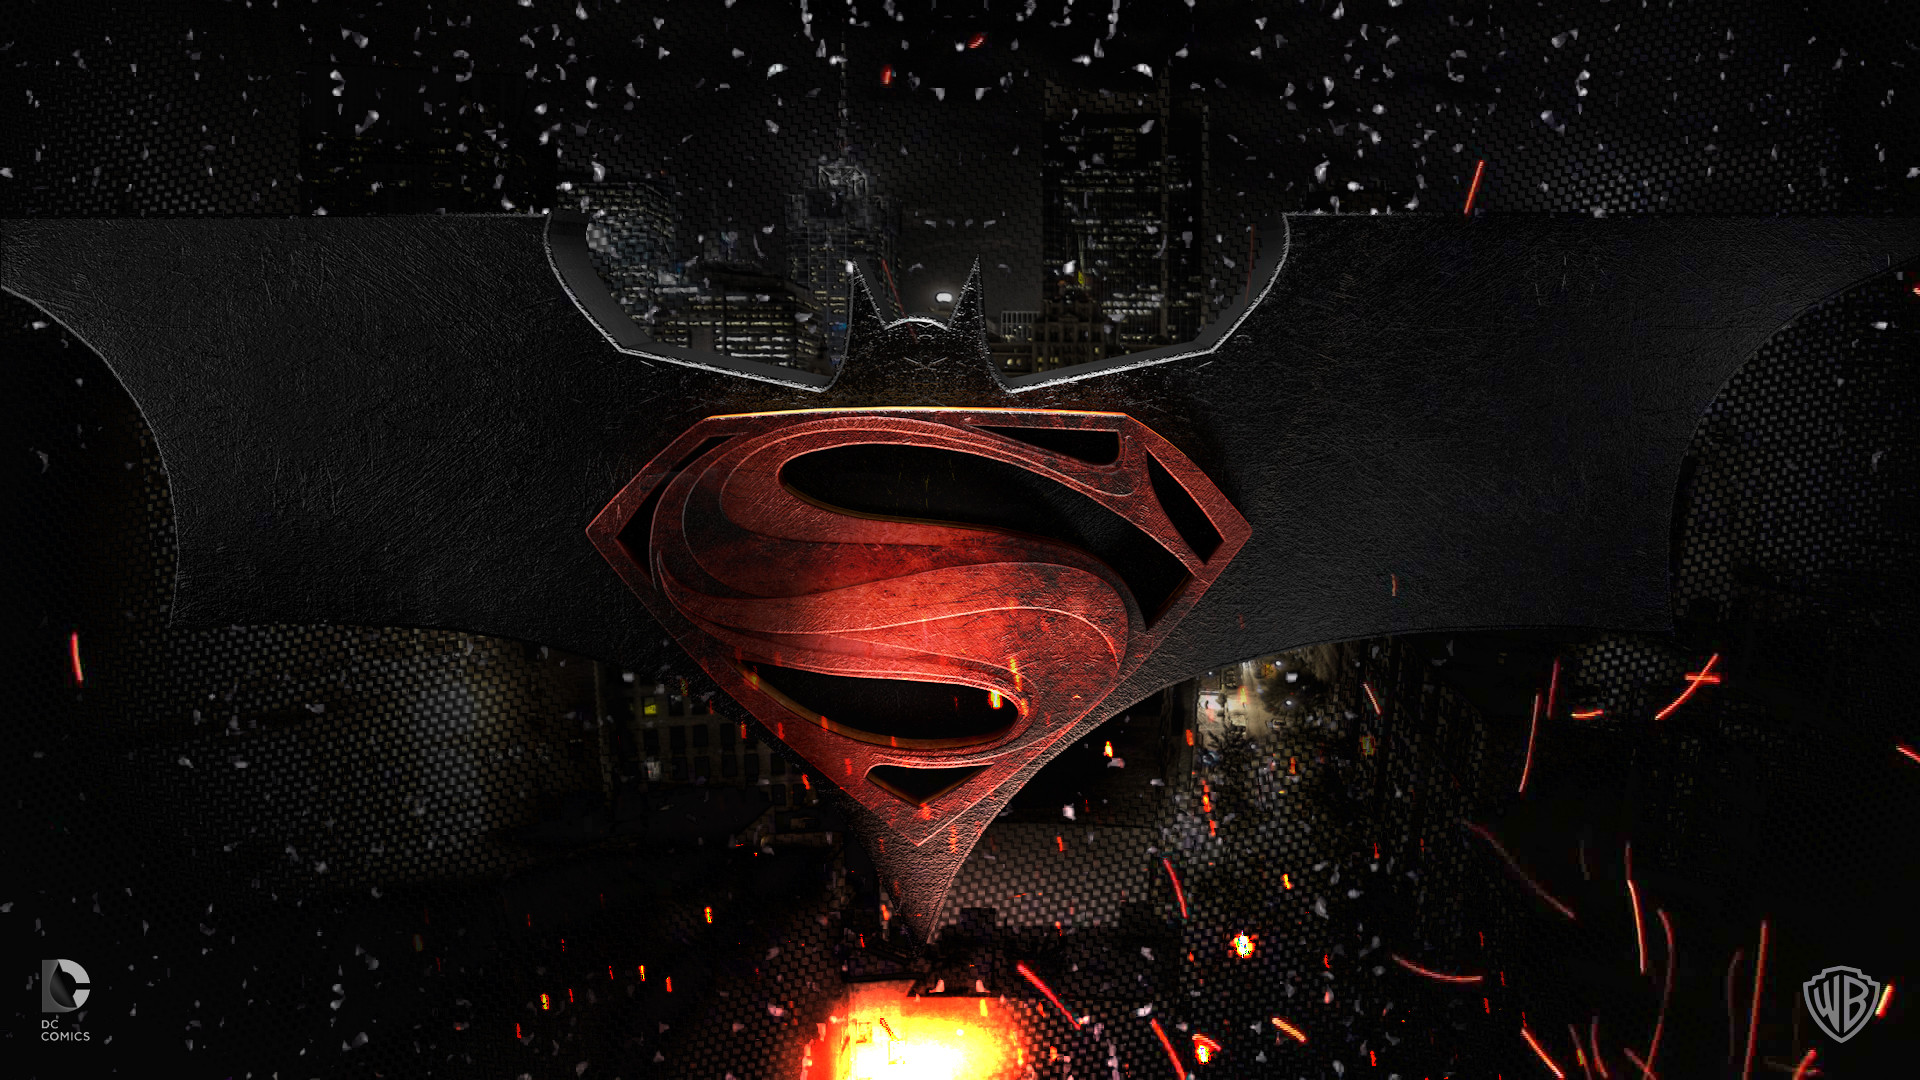 Batman Vs Superman Logo Movies Wallpaper HD 18 #2289 Wallpaper | High .